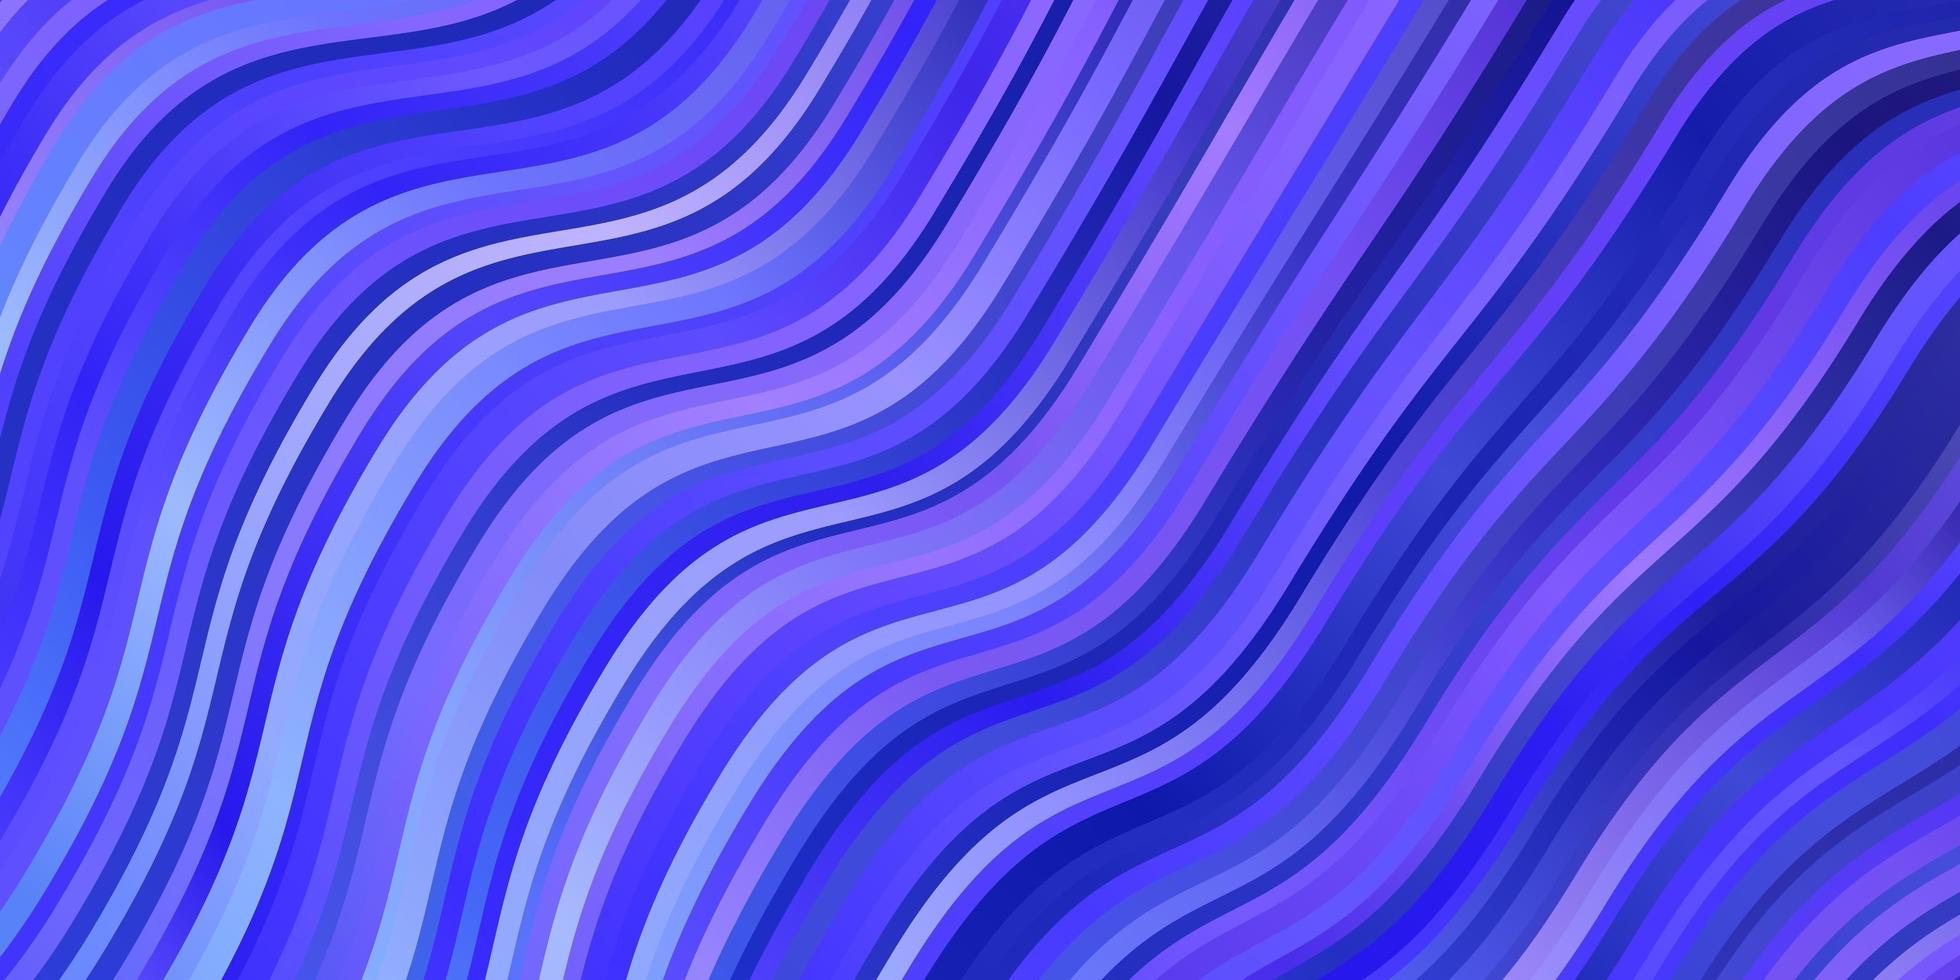 lichtroze, blauwe vectortextuur met wrange lijnen. vector